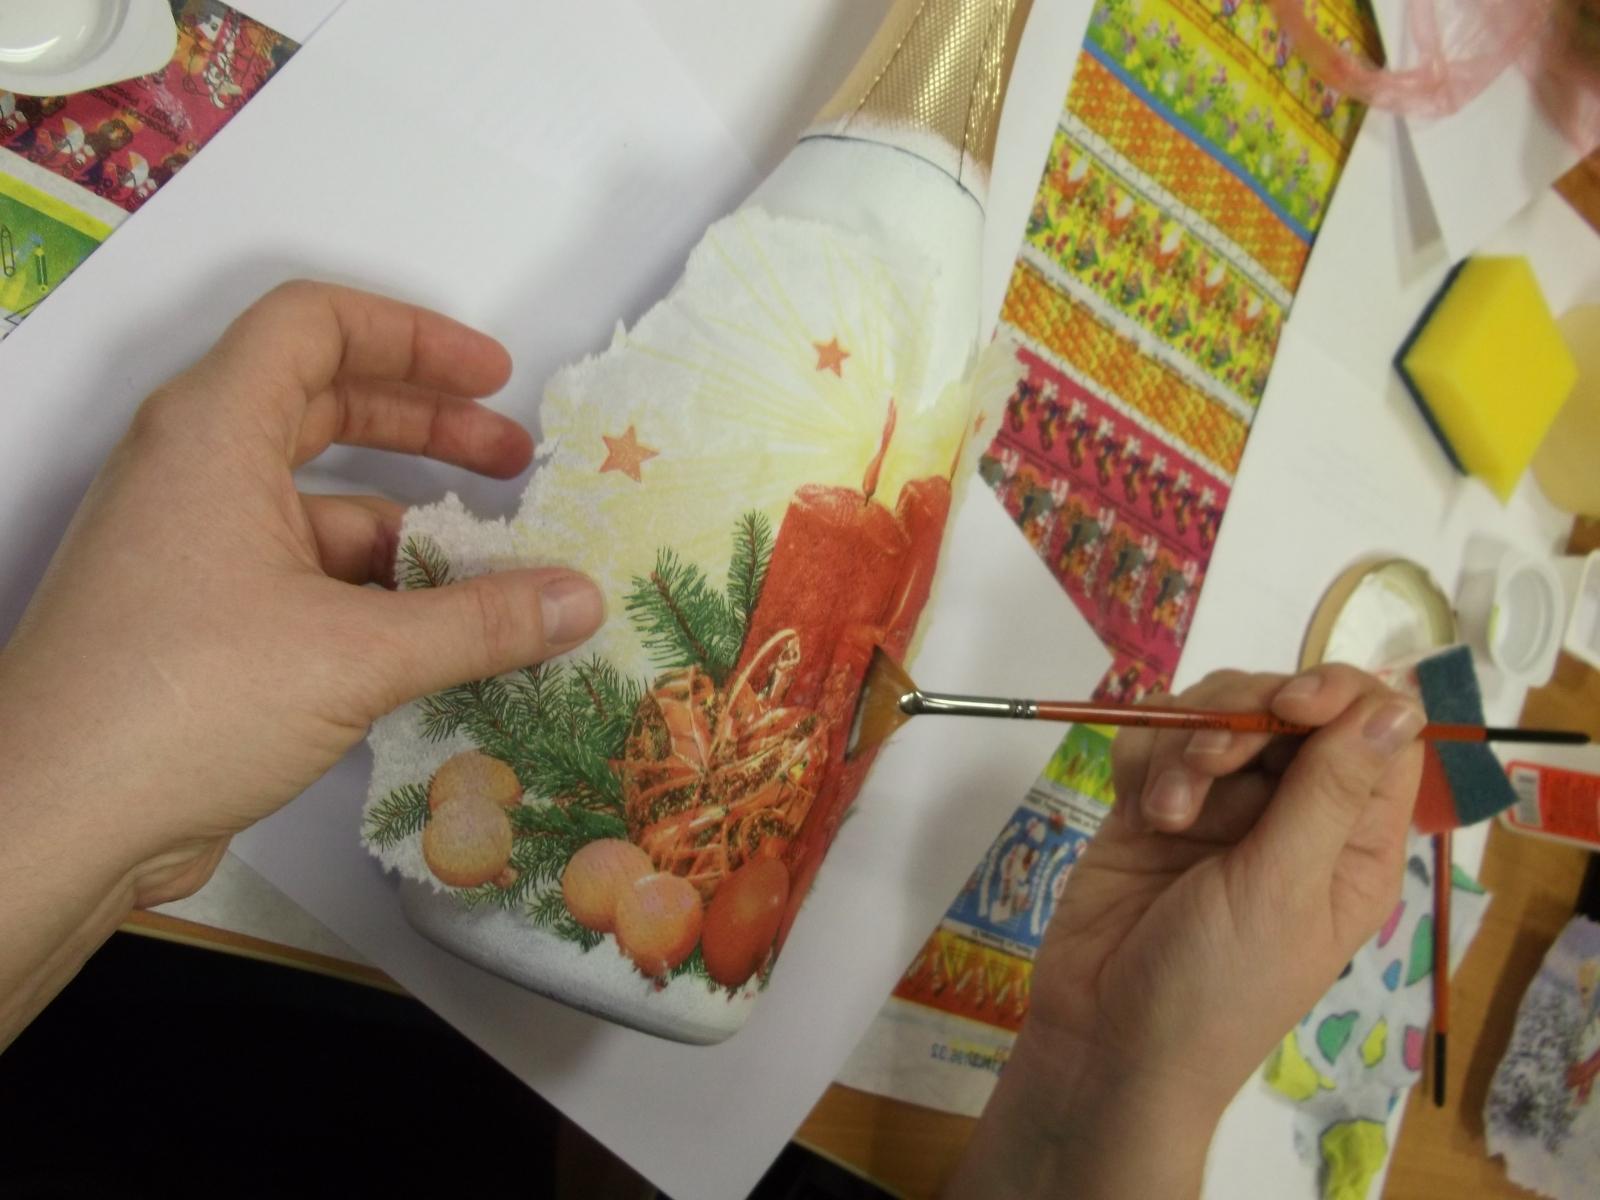 Поделки из салфеток своими руками - 92 фото идей необычных самодельных бумажных изделий